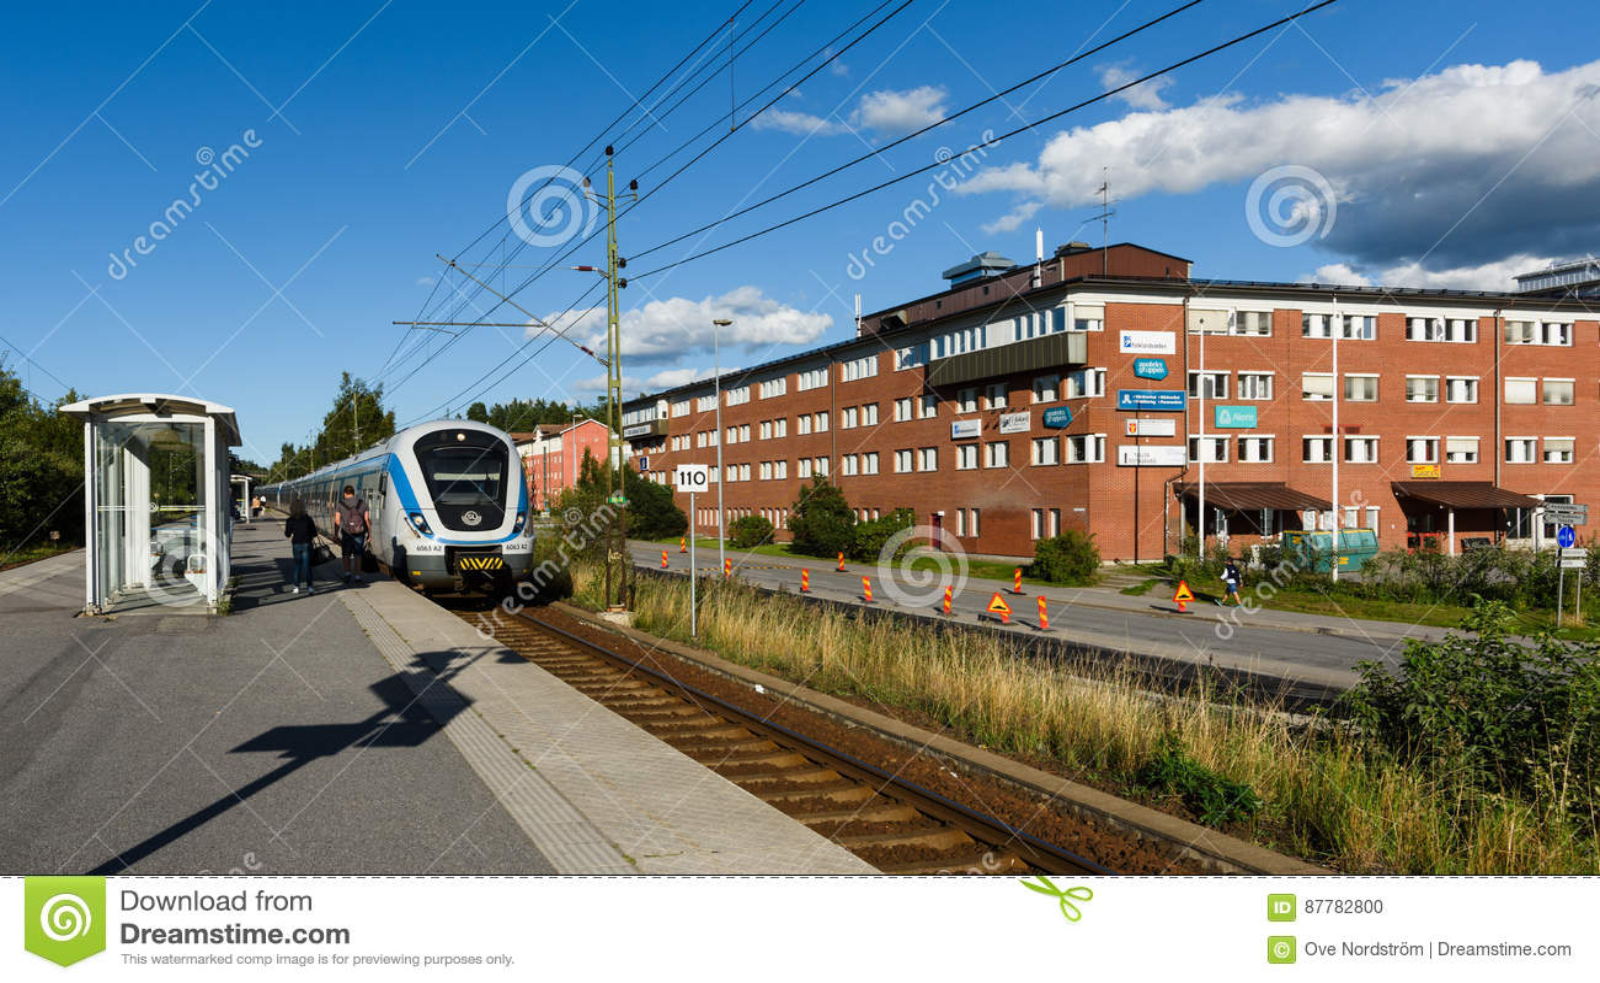 La estación de tren de Tullinge, tren local llega a la estación